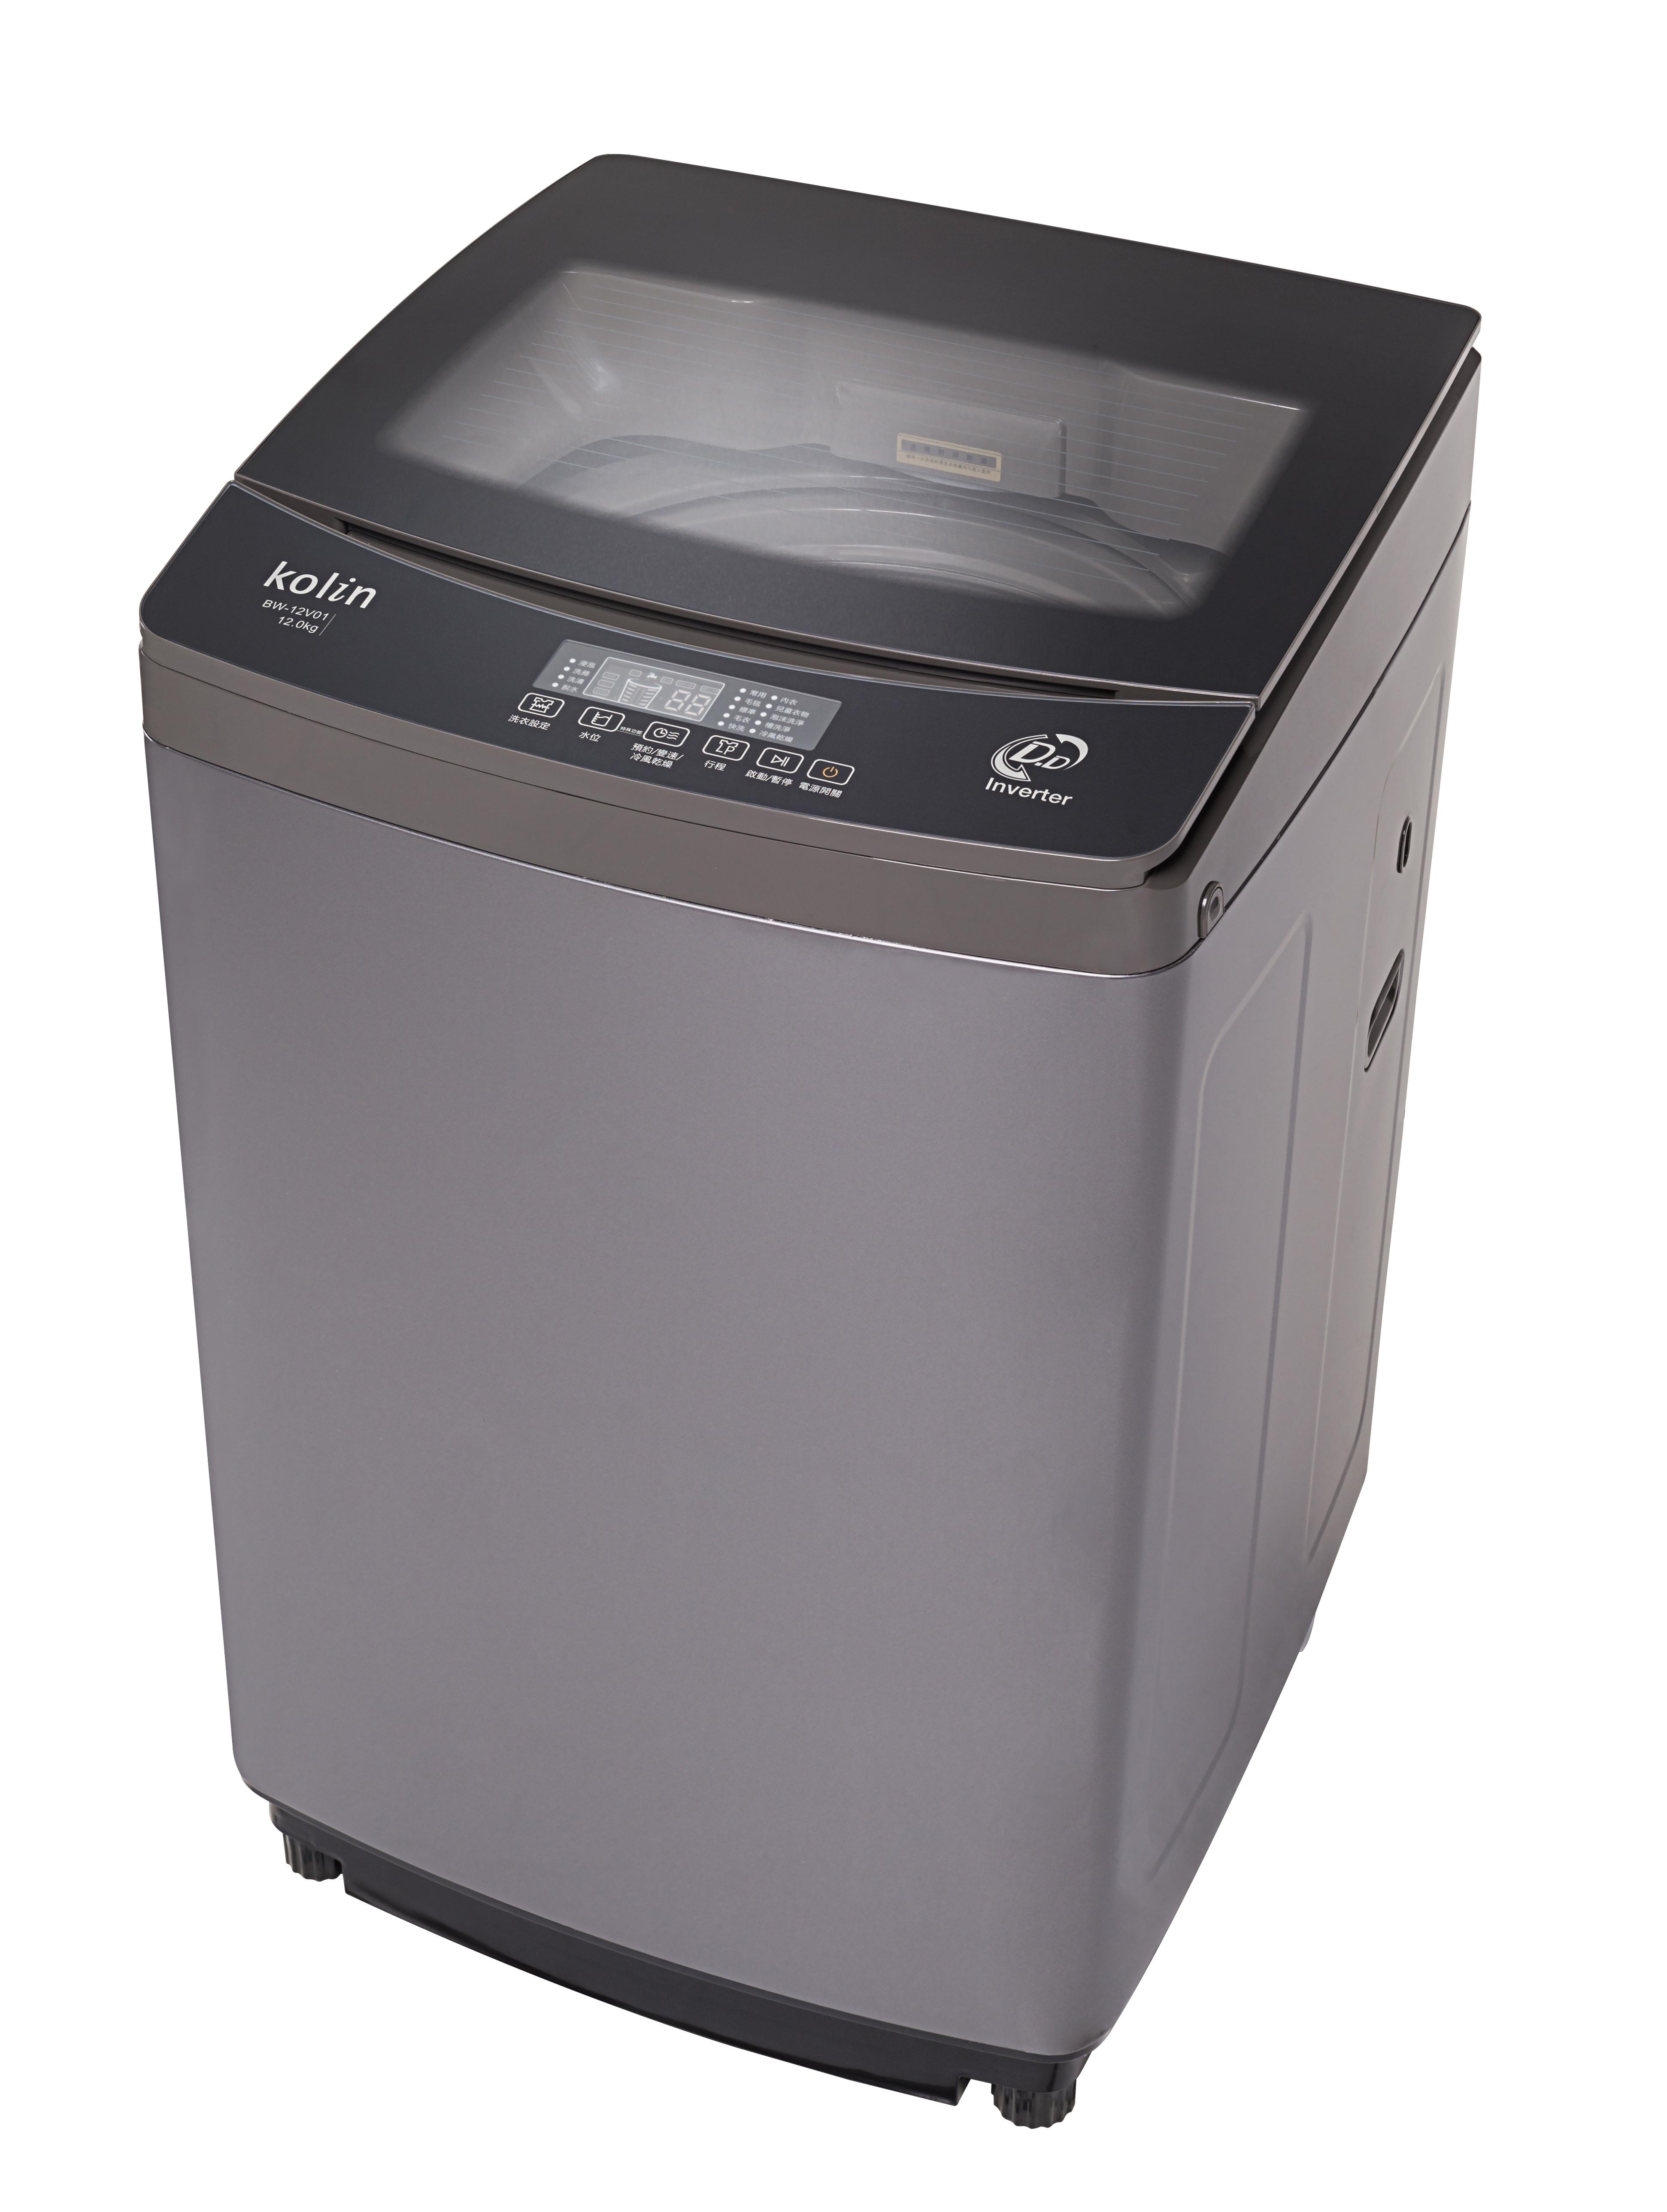 歌林直驅變頻單槽洗衣機_商品圖